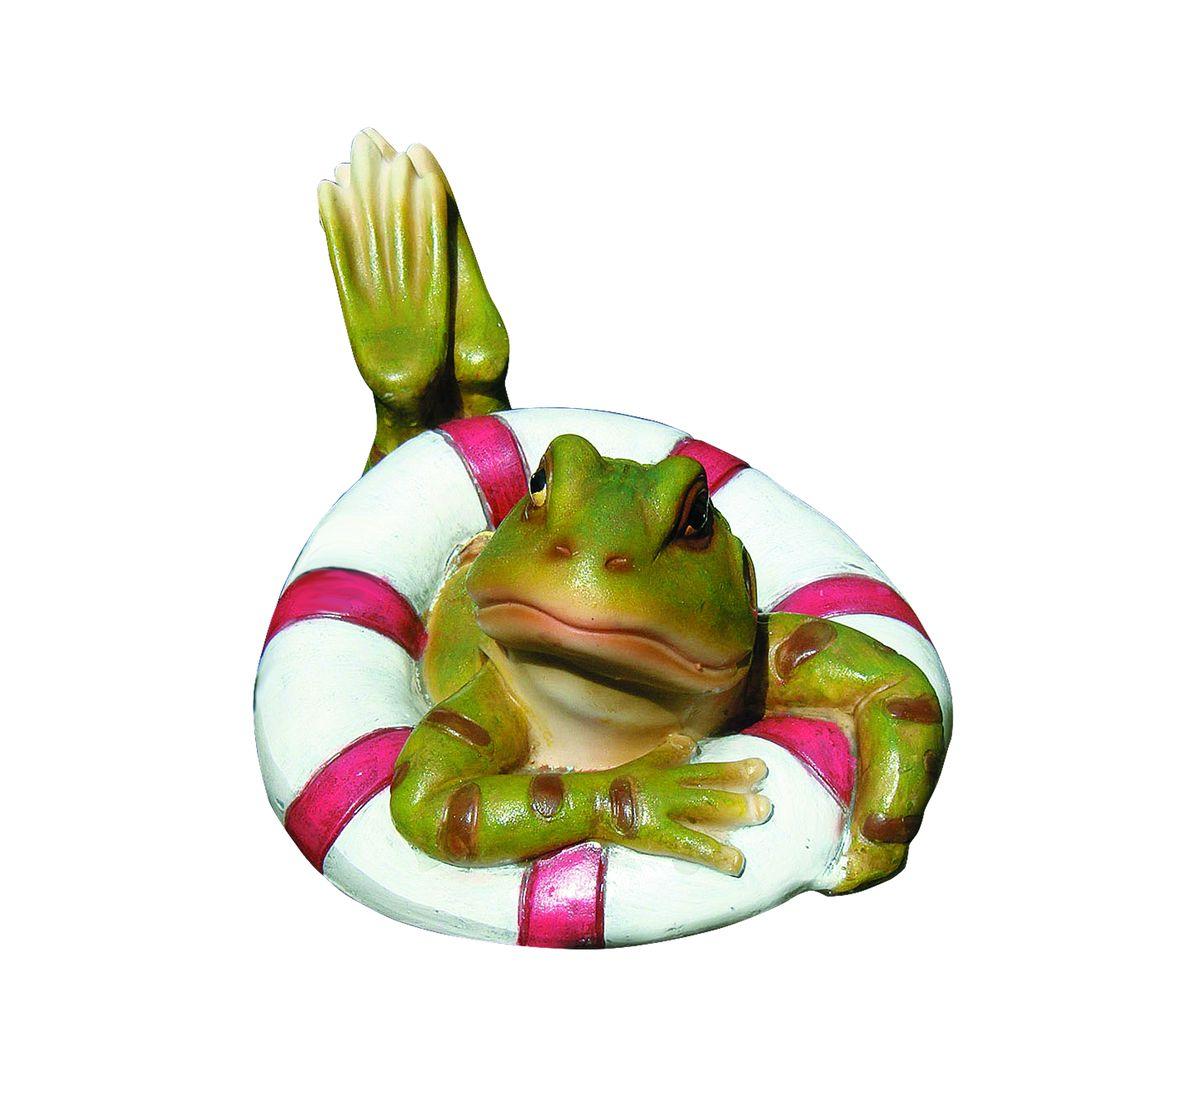 Фигурка декоративная Green Apple Лягушка, плавающая green apple green apple квадратный горшок с автополивом на колесиках 45 45 42 красный